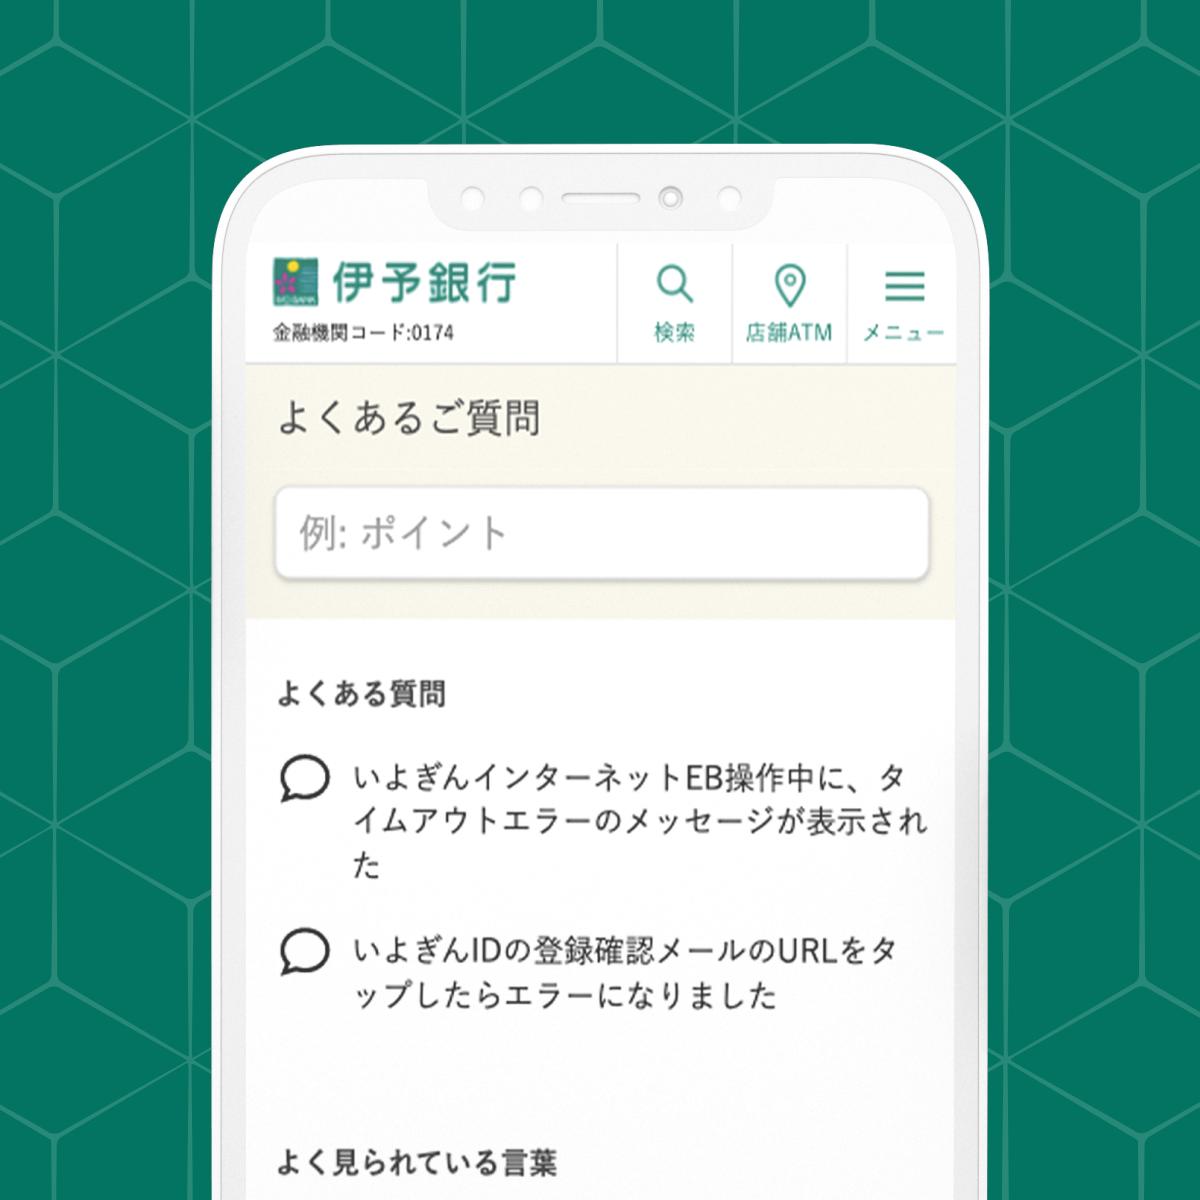 iyo-bank